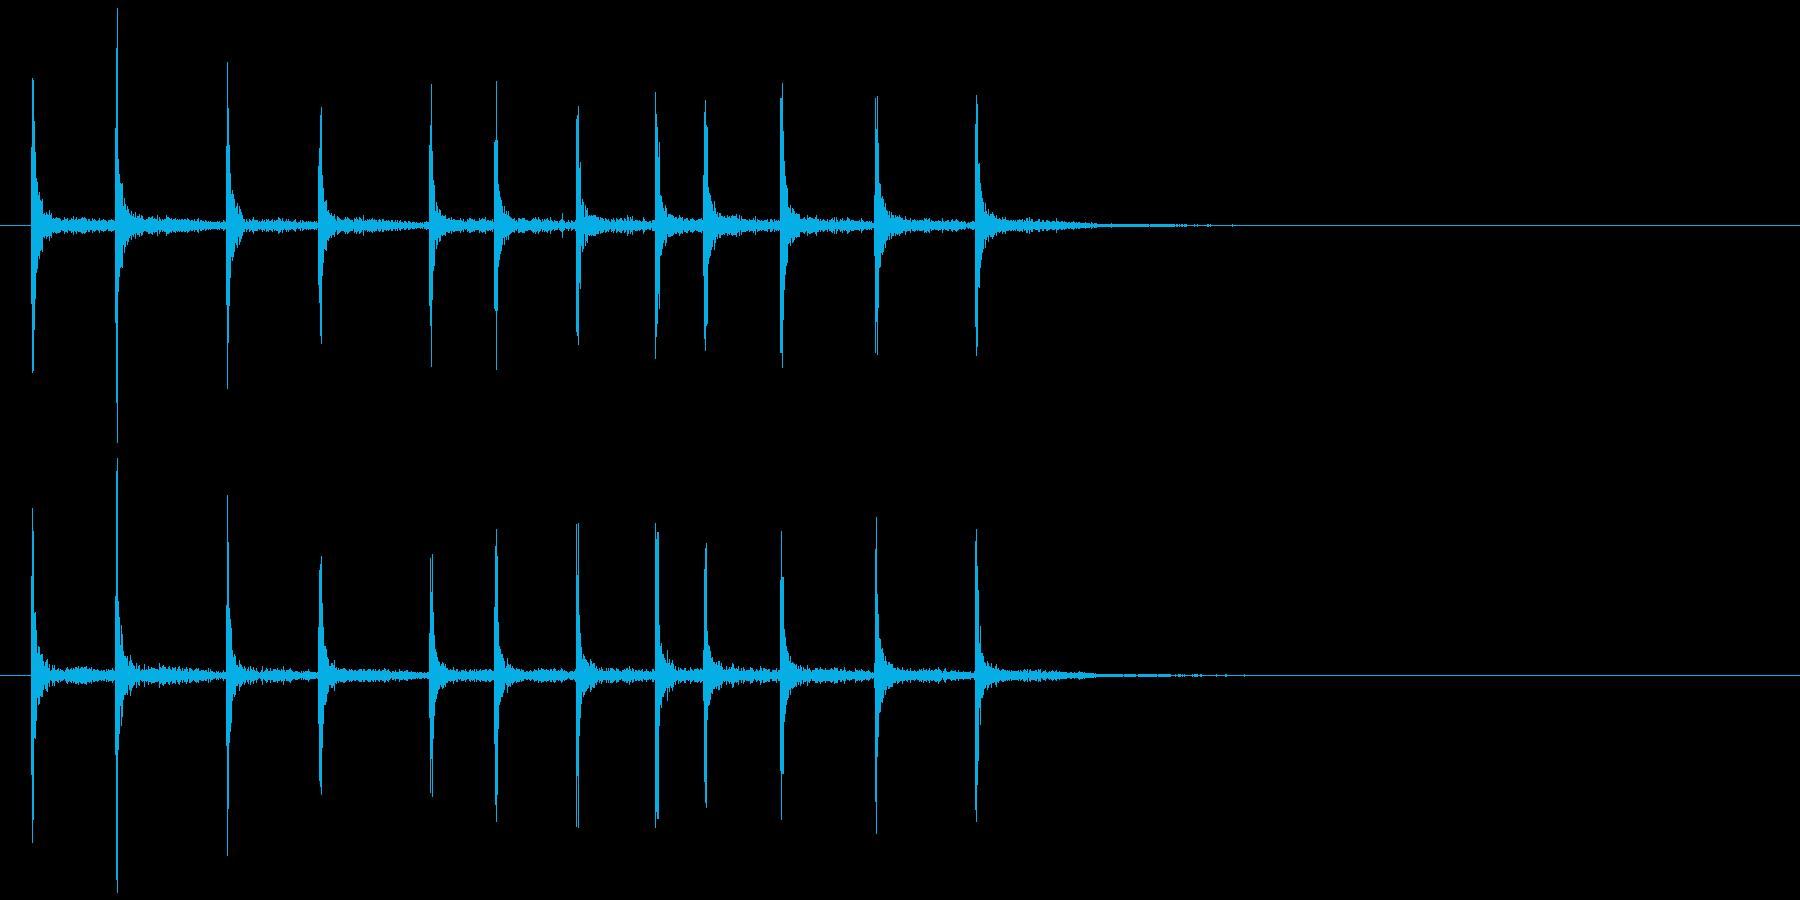 ゼンマイを巻く (キリリリ…)の再生済みの波形